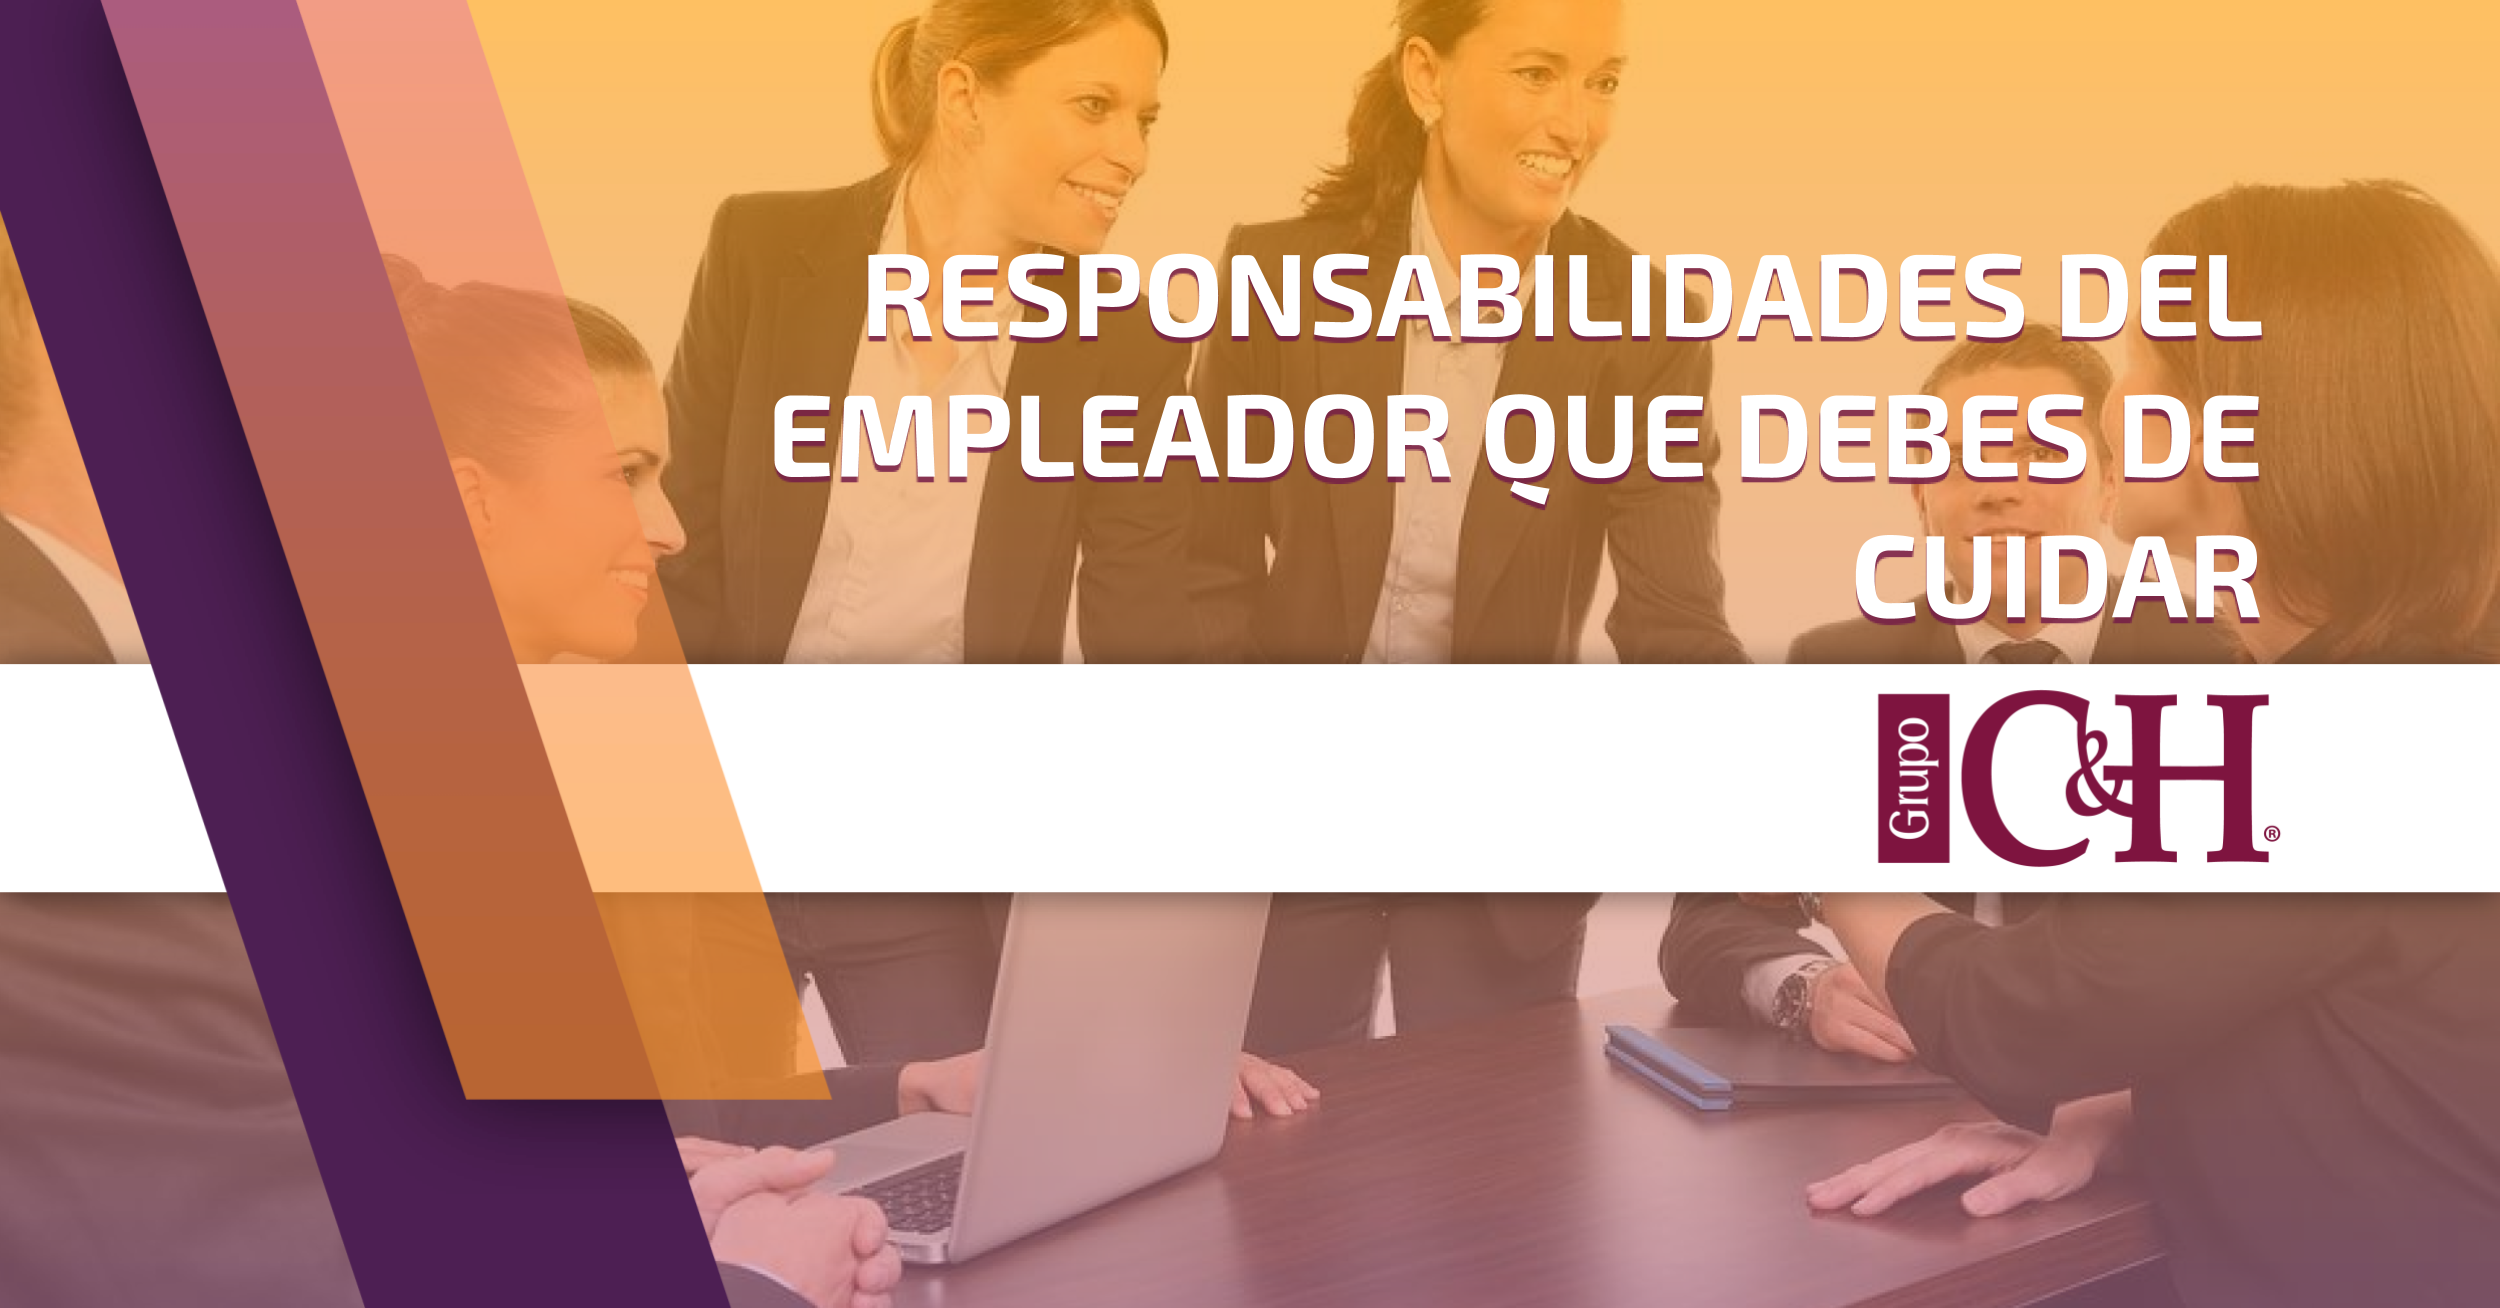 Responsabilidades del empleador